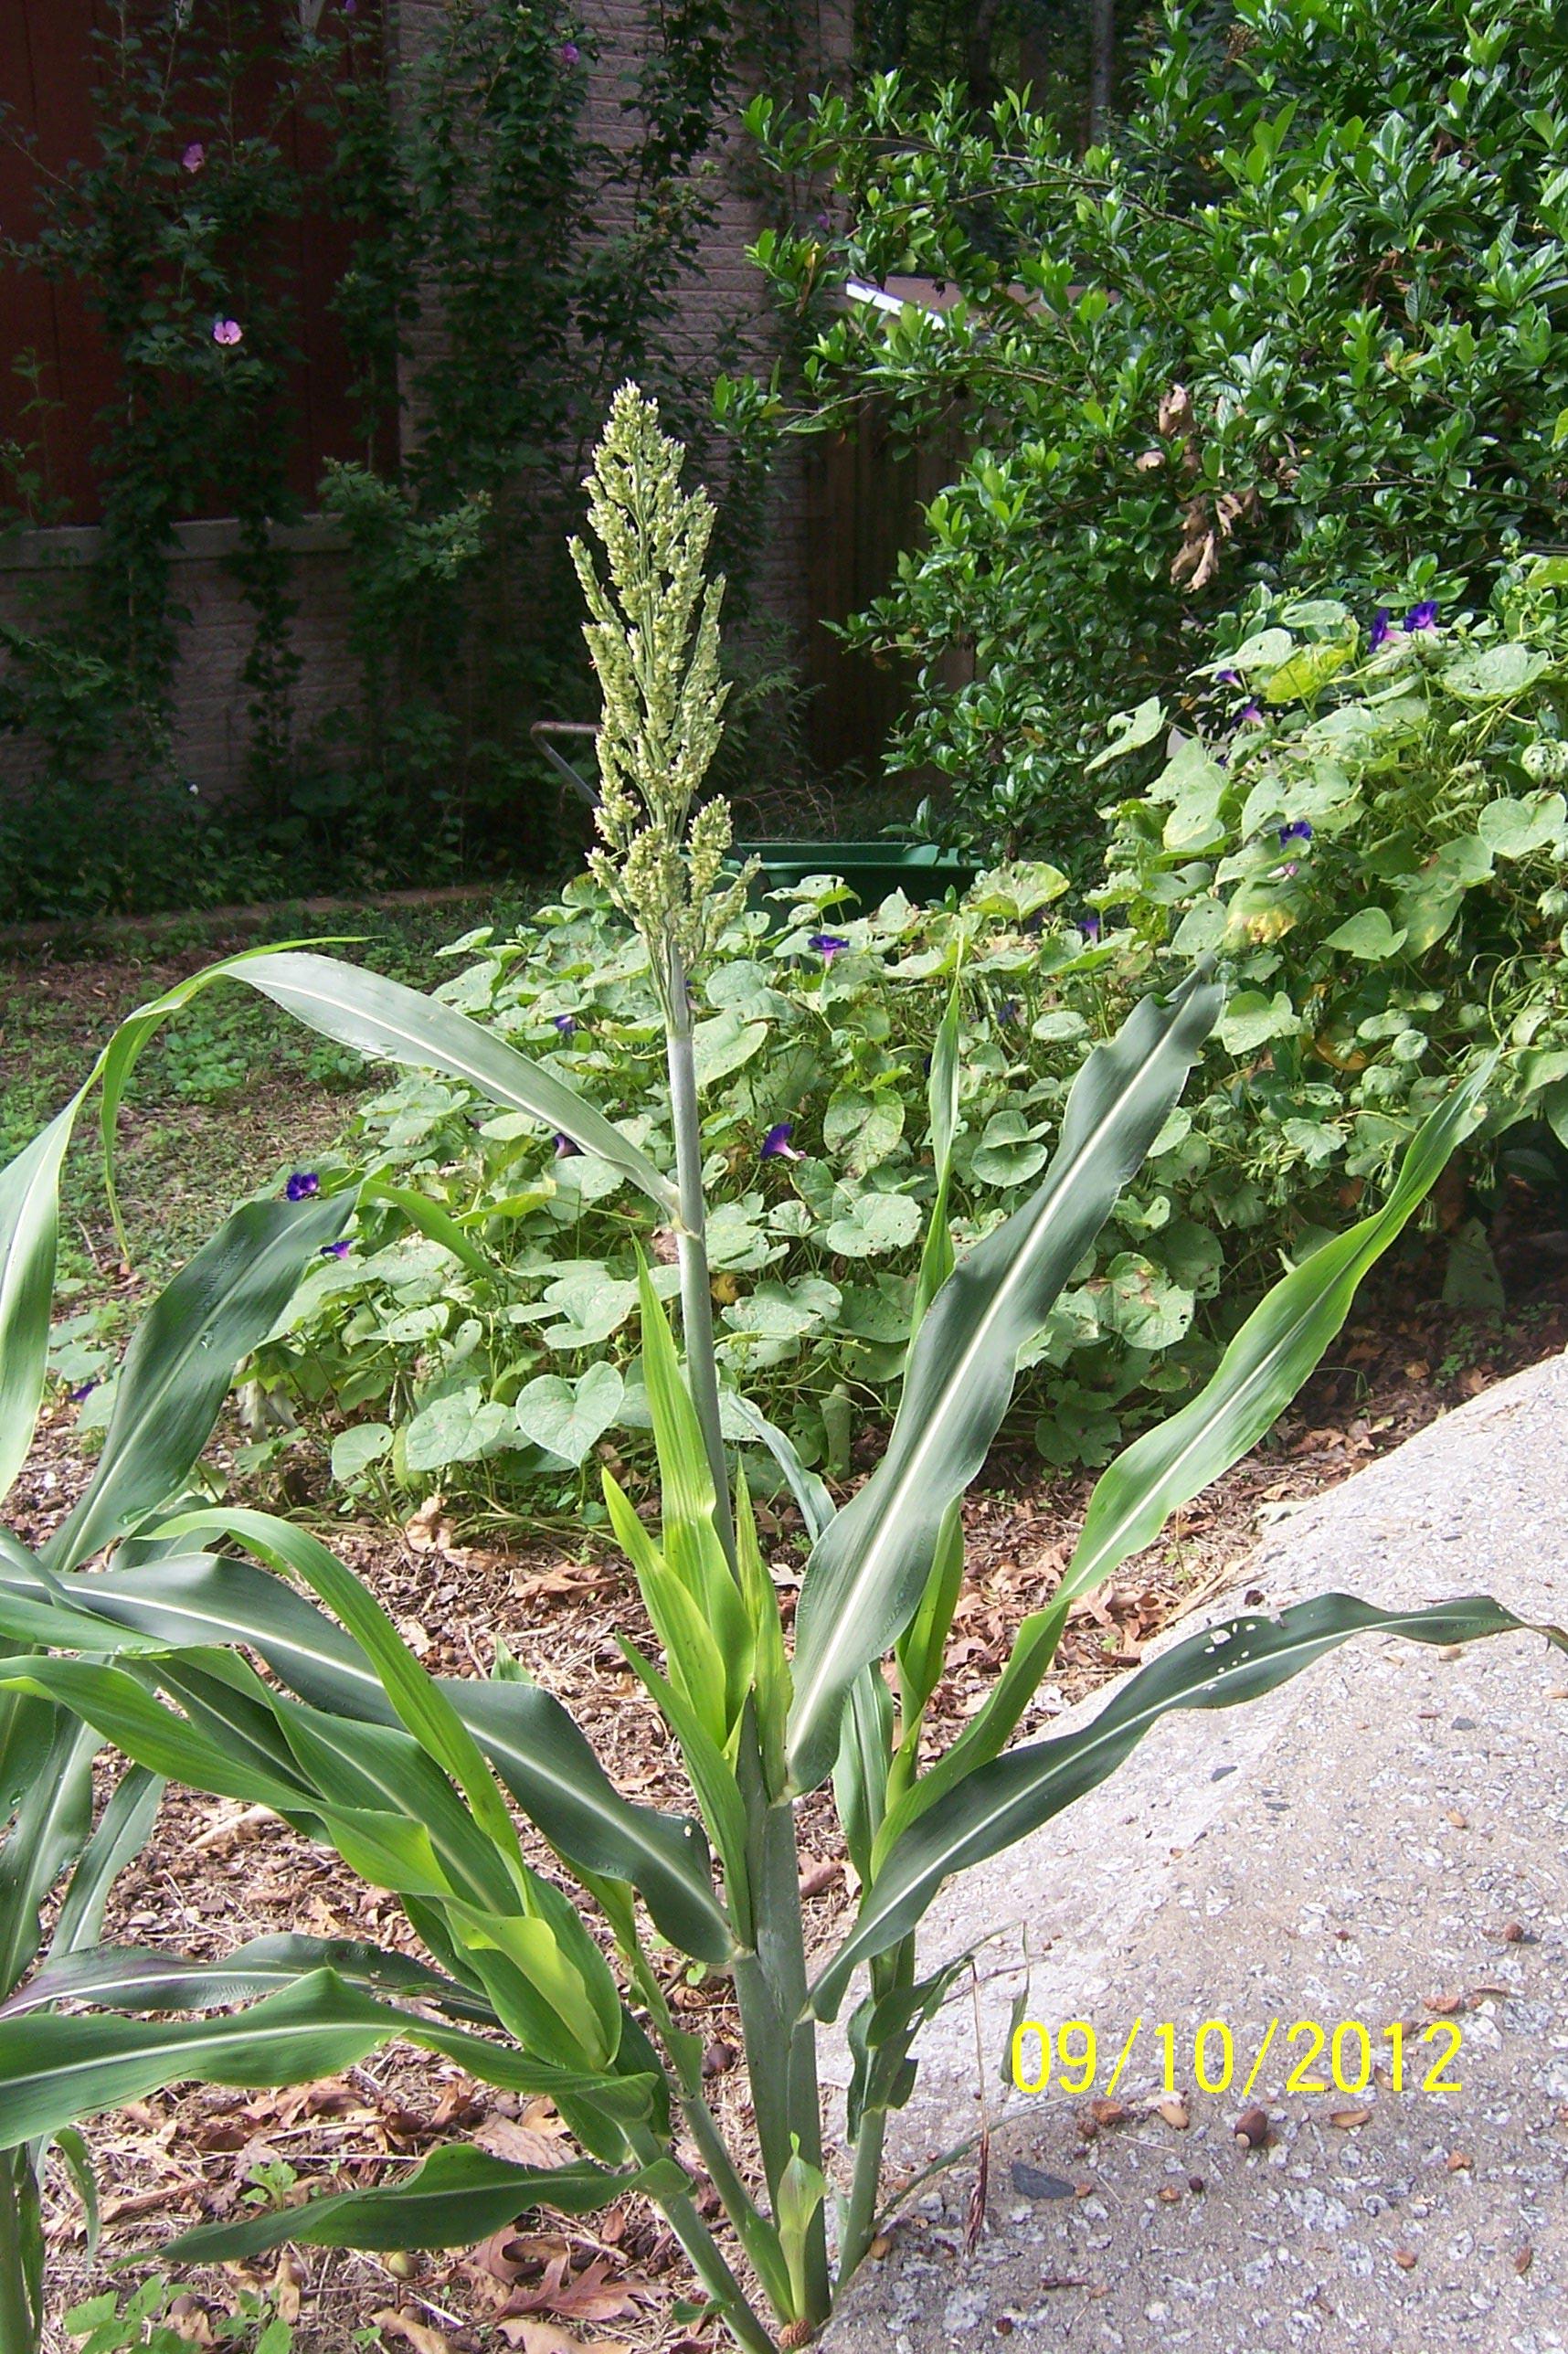 Broom Corn (Sorghum) – Identification | Walter Reeves: The ...